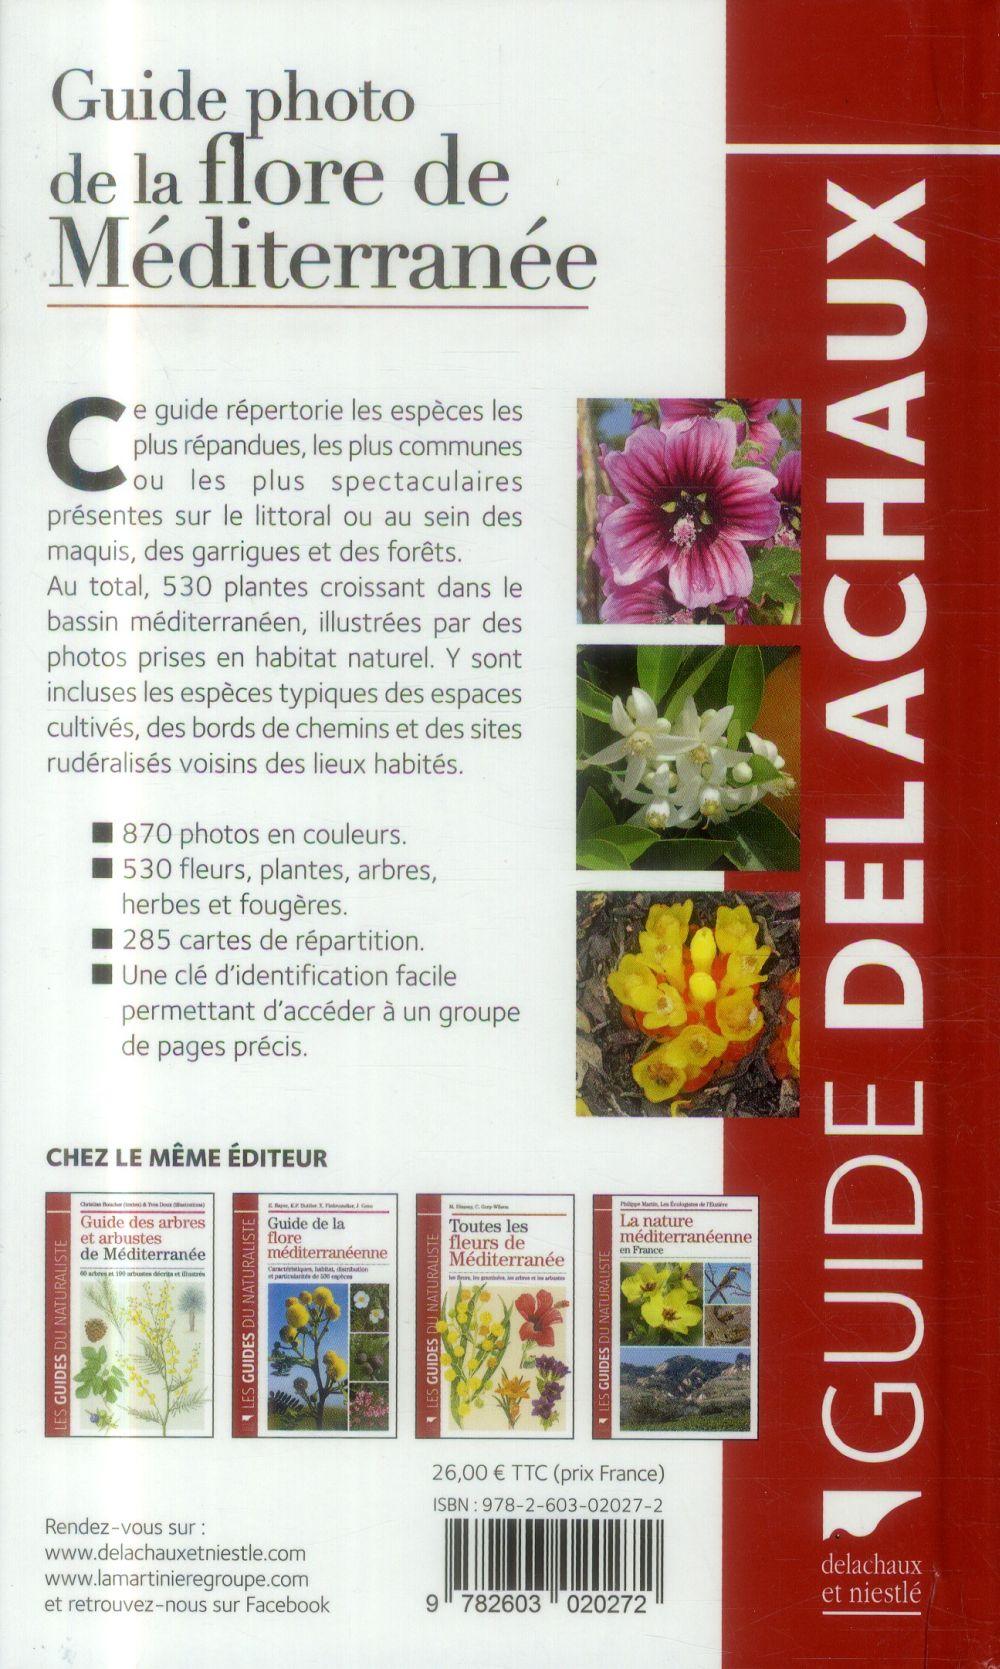 Guide photo de la flore de méditerranée